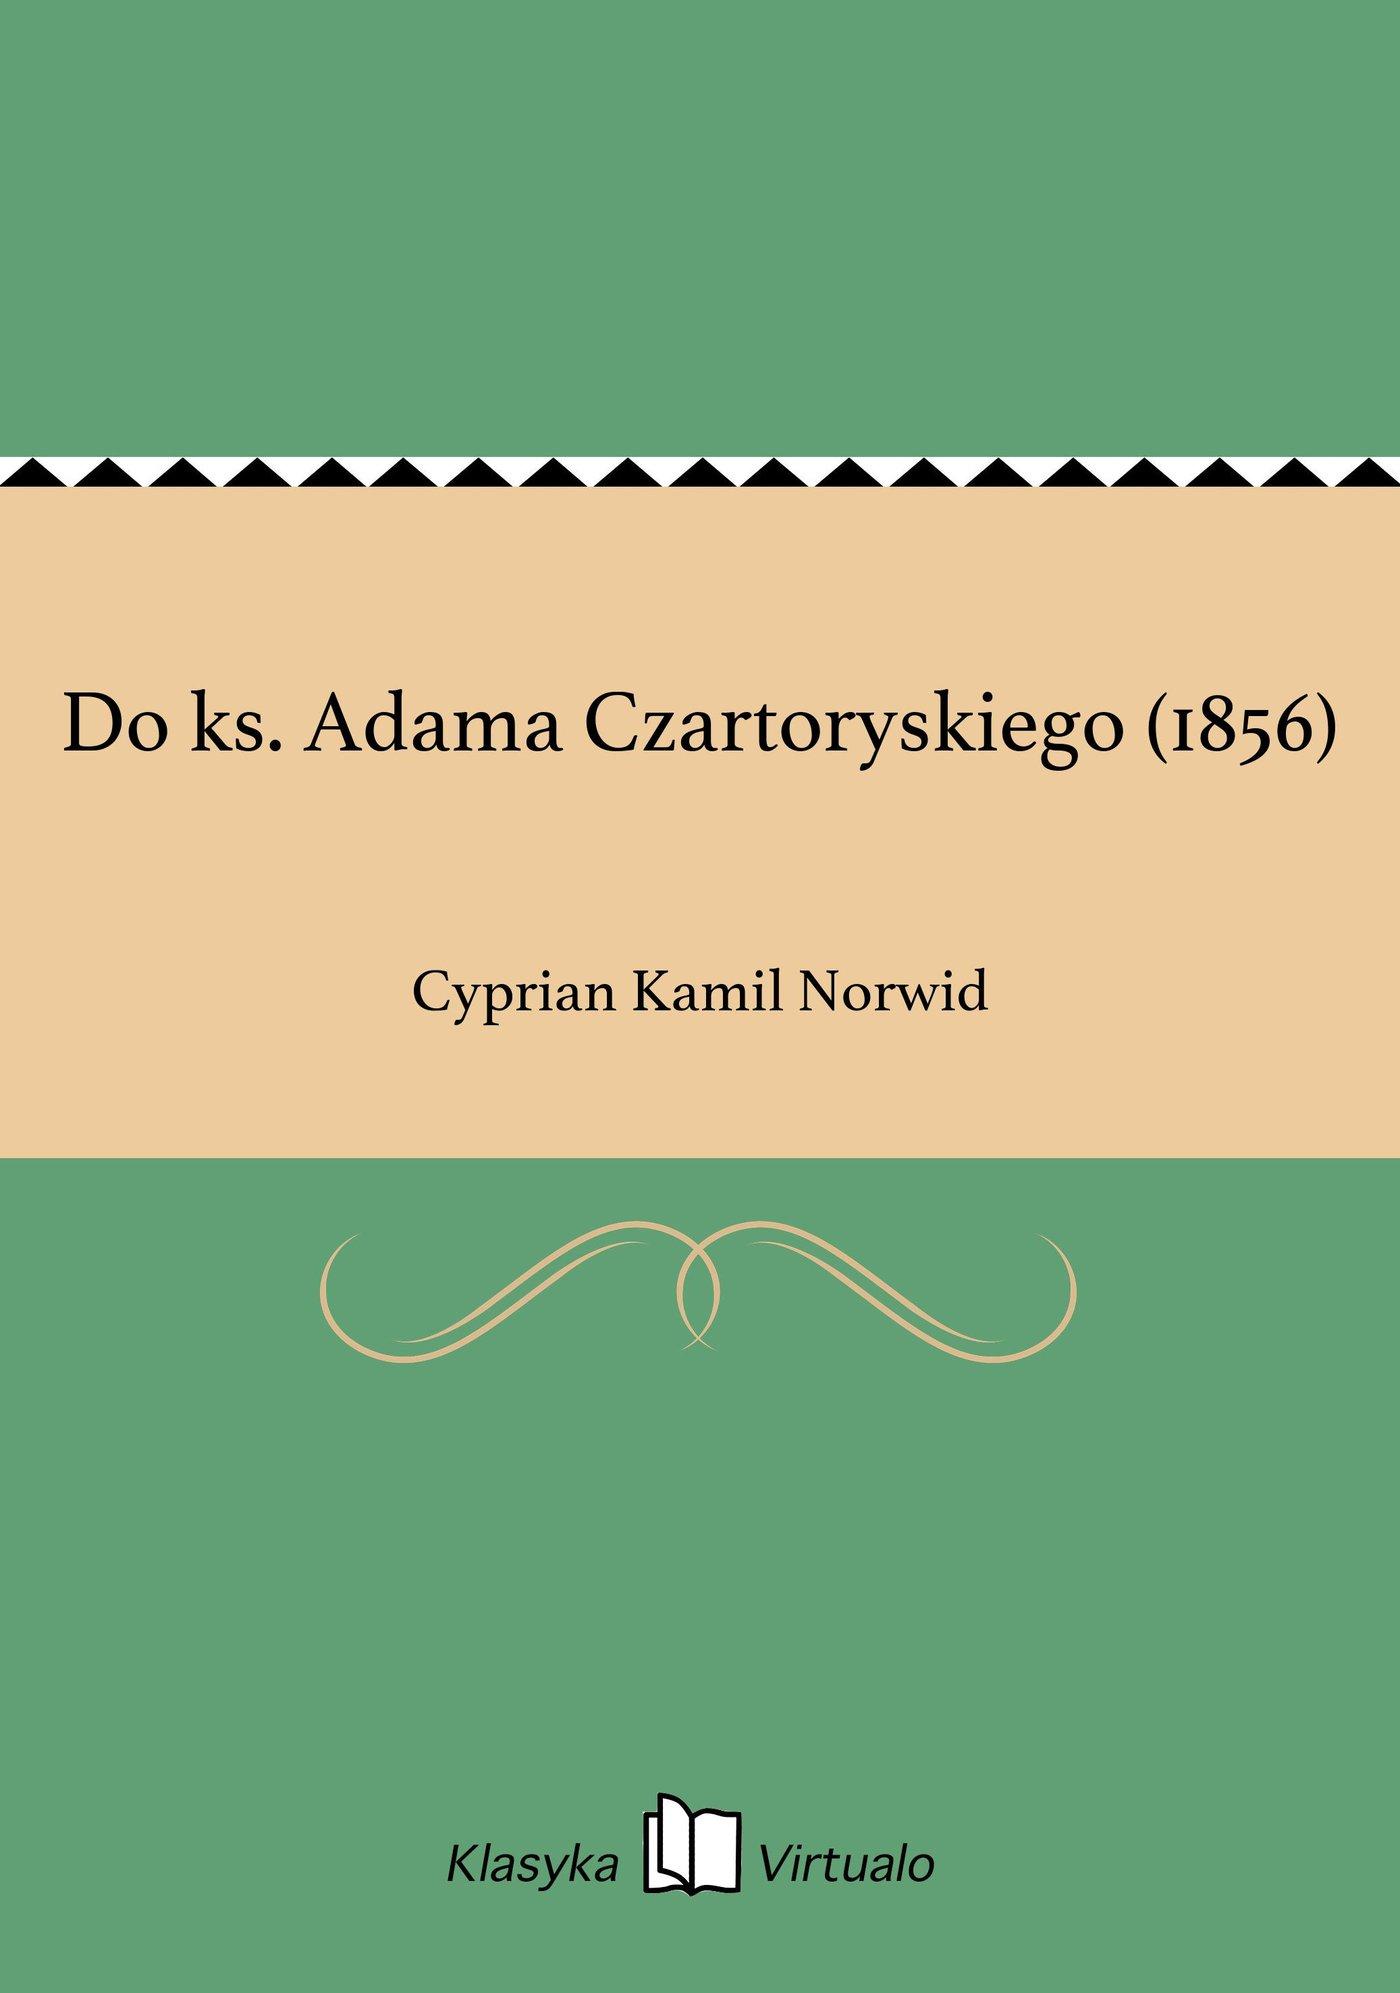 Do ks. Adama Czartoryskiego (1856) - Ebook (Książka EPUB) do pobrania w formacie EPUB